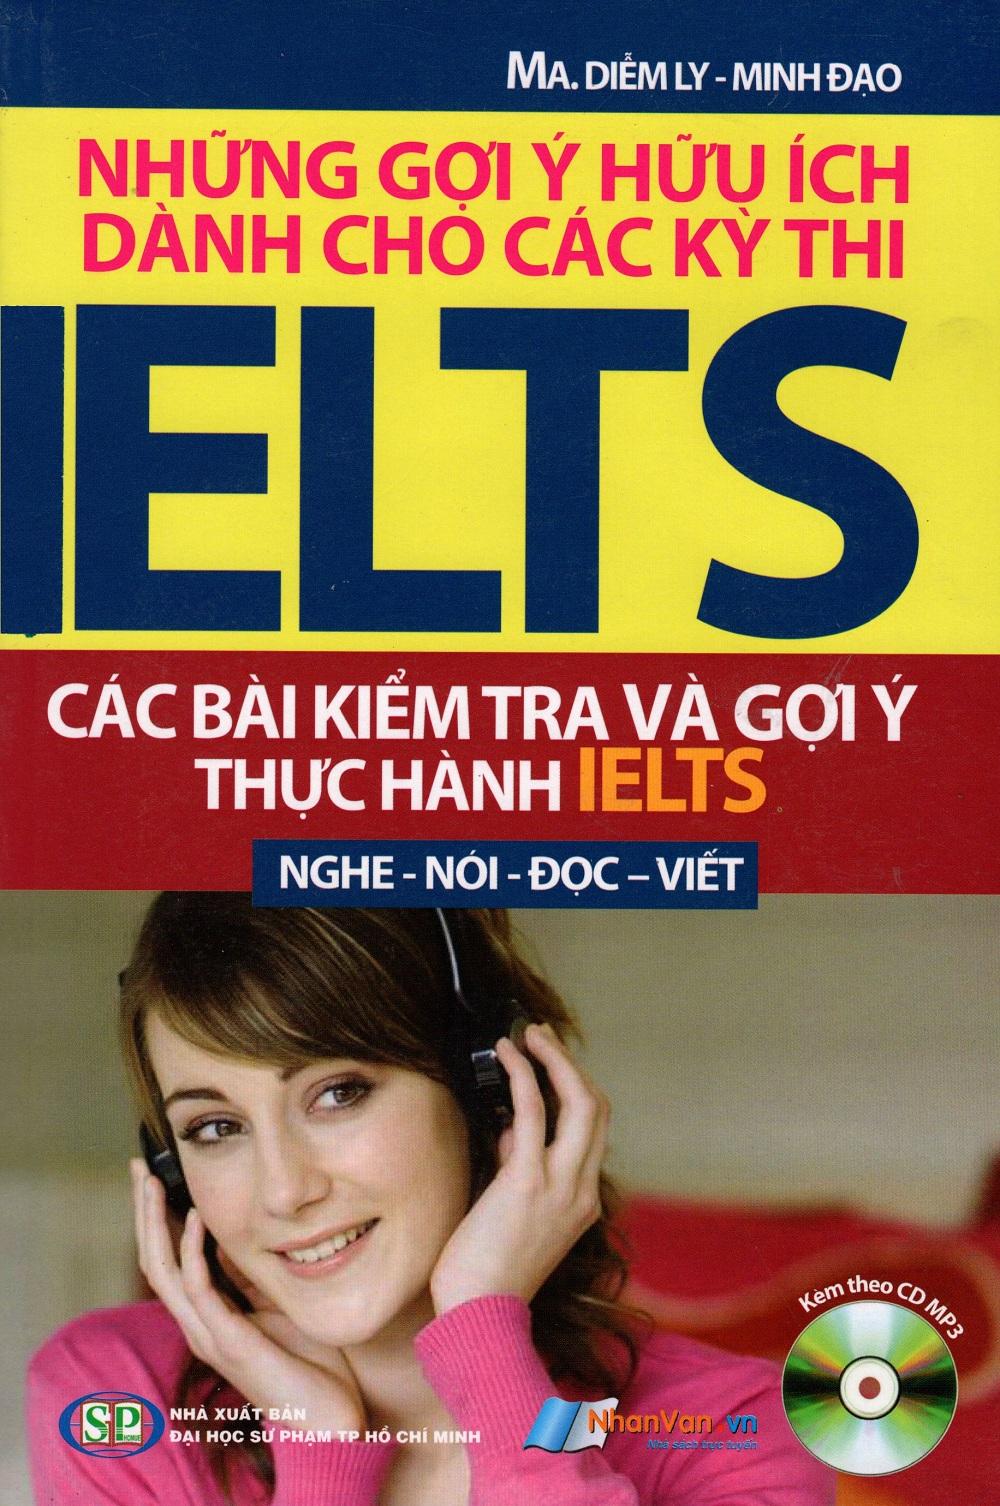 Bìa sách Những Gợi Ý Hữu Ích Dành Cho Các Kỳ Thi IELTS (Kèm CD)